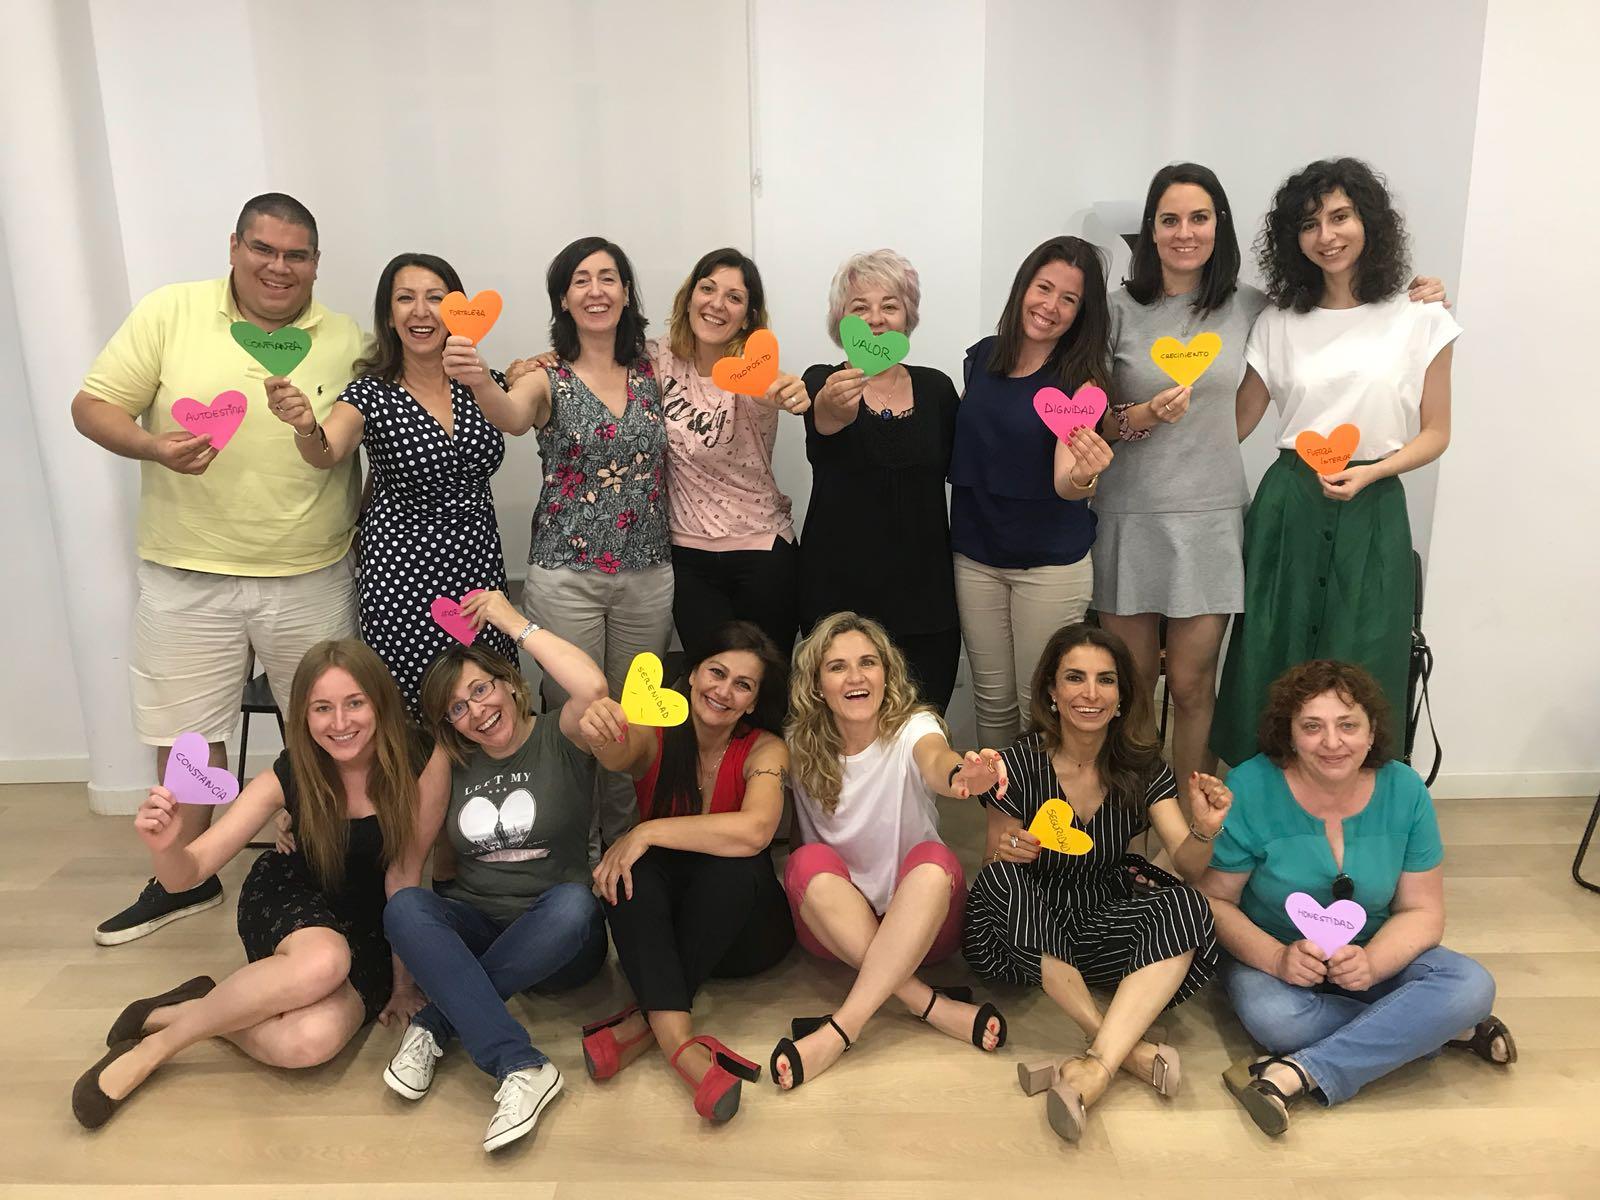 grupos-mejorar-autoestima-talleres-crecimiento-personal-intensivos-madrid-barcelona-valencia-girona